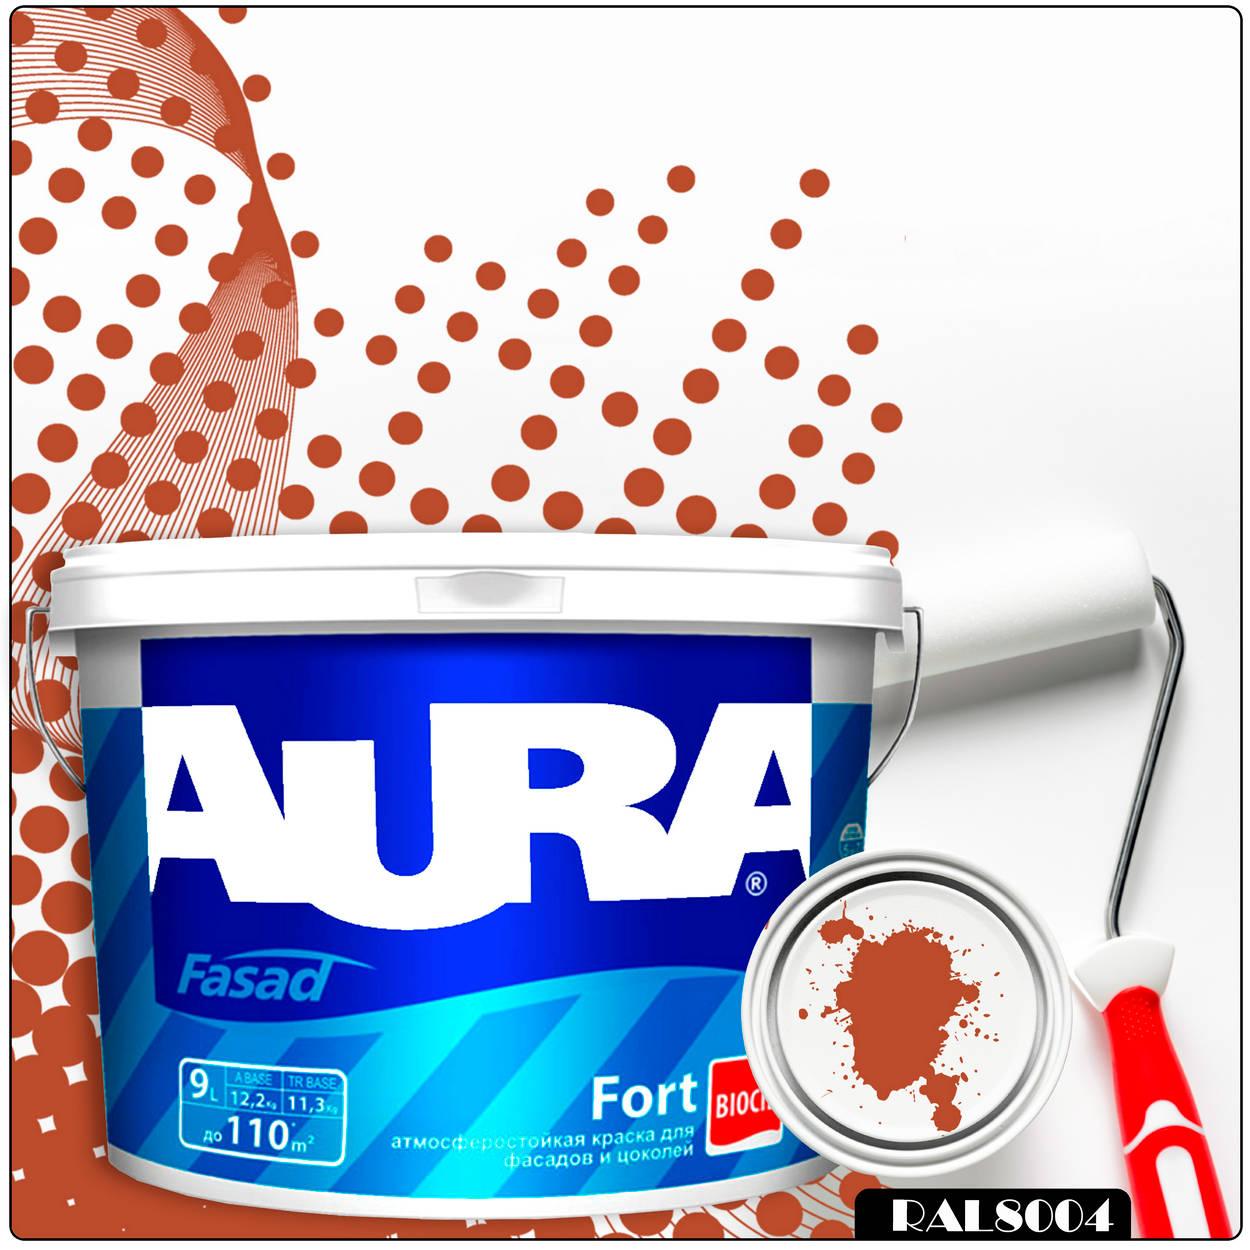 Фото 4 - Краска Aura Fasad Fort, RAL 8004 Медно-коричневый, латексная, матовая, для фасада и цоколей, 9л, Аура.